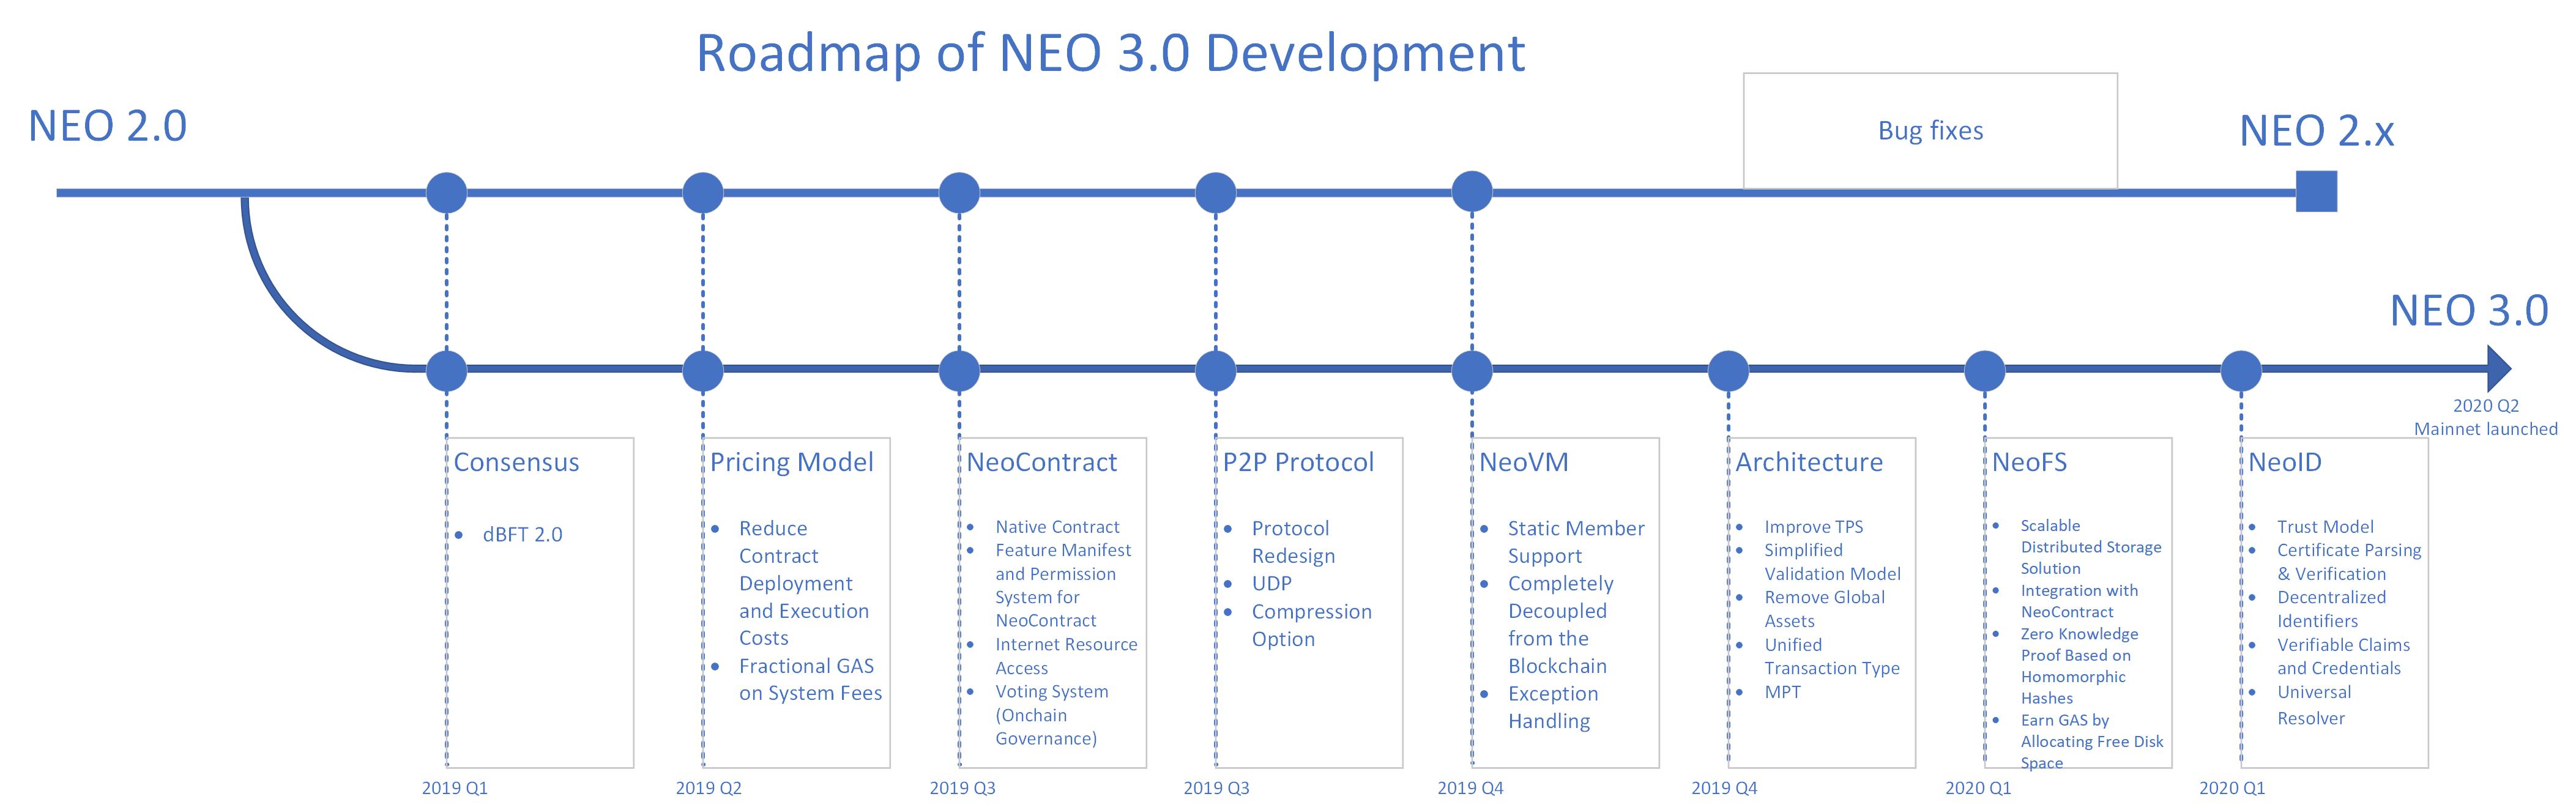 Roadmap of NEO 3.0 Development - NEO Smart Economy on